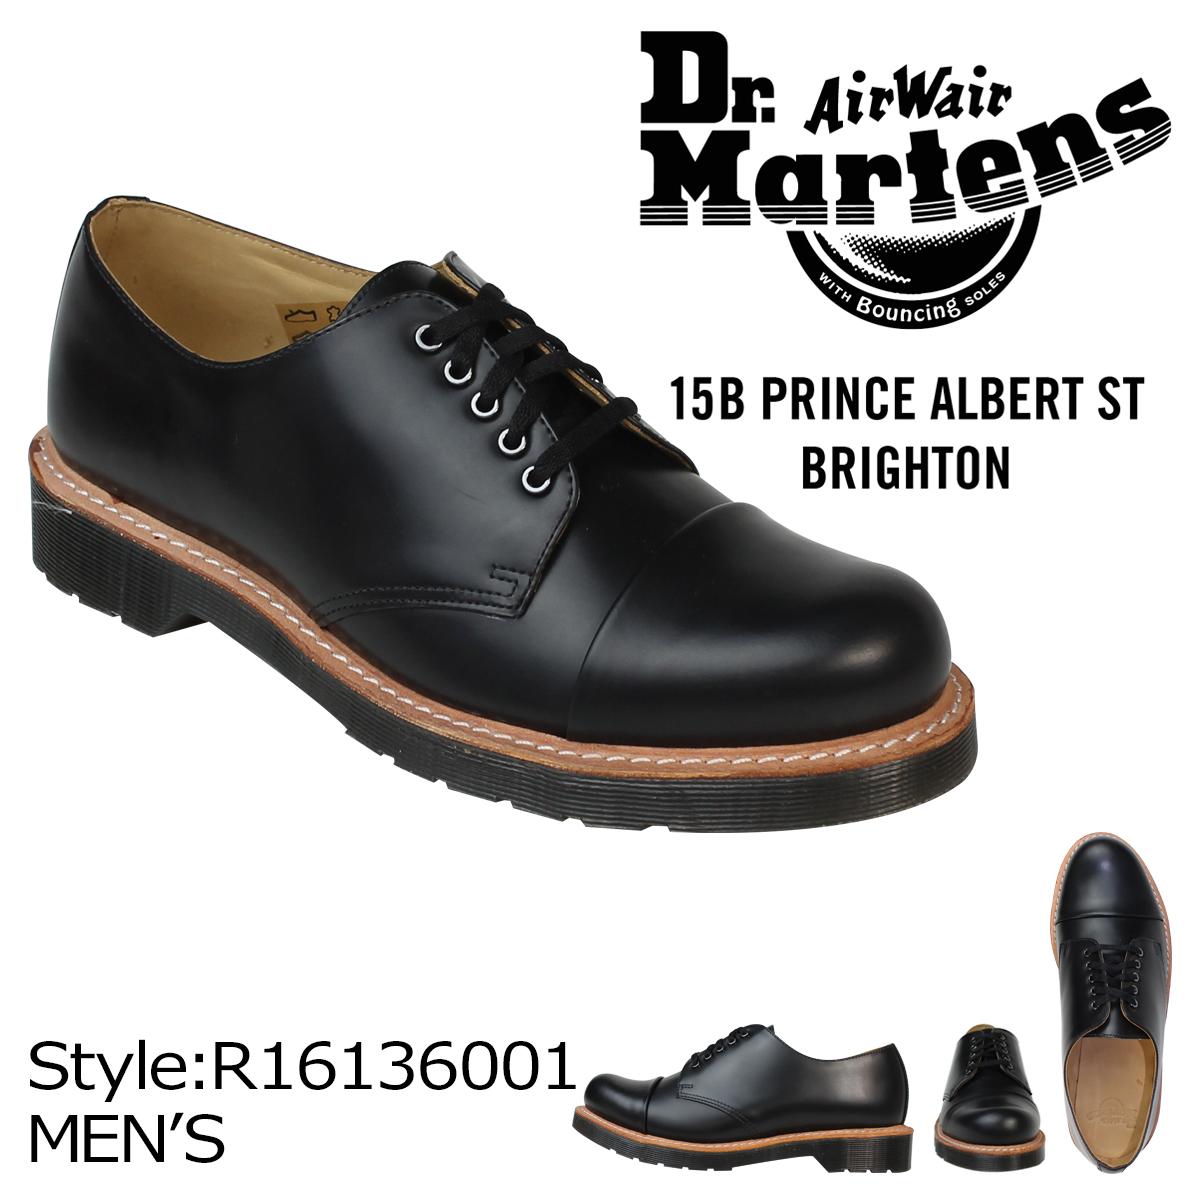 博士马滕斯 Dr.Martens 李厅 5 鞋 LEIGH 5 眼头帽鞋皮革男式两杯皮鞋 R16136001 黑色 [7/8 返回股票]